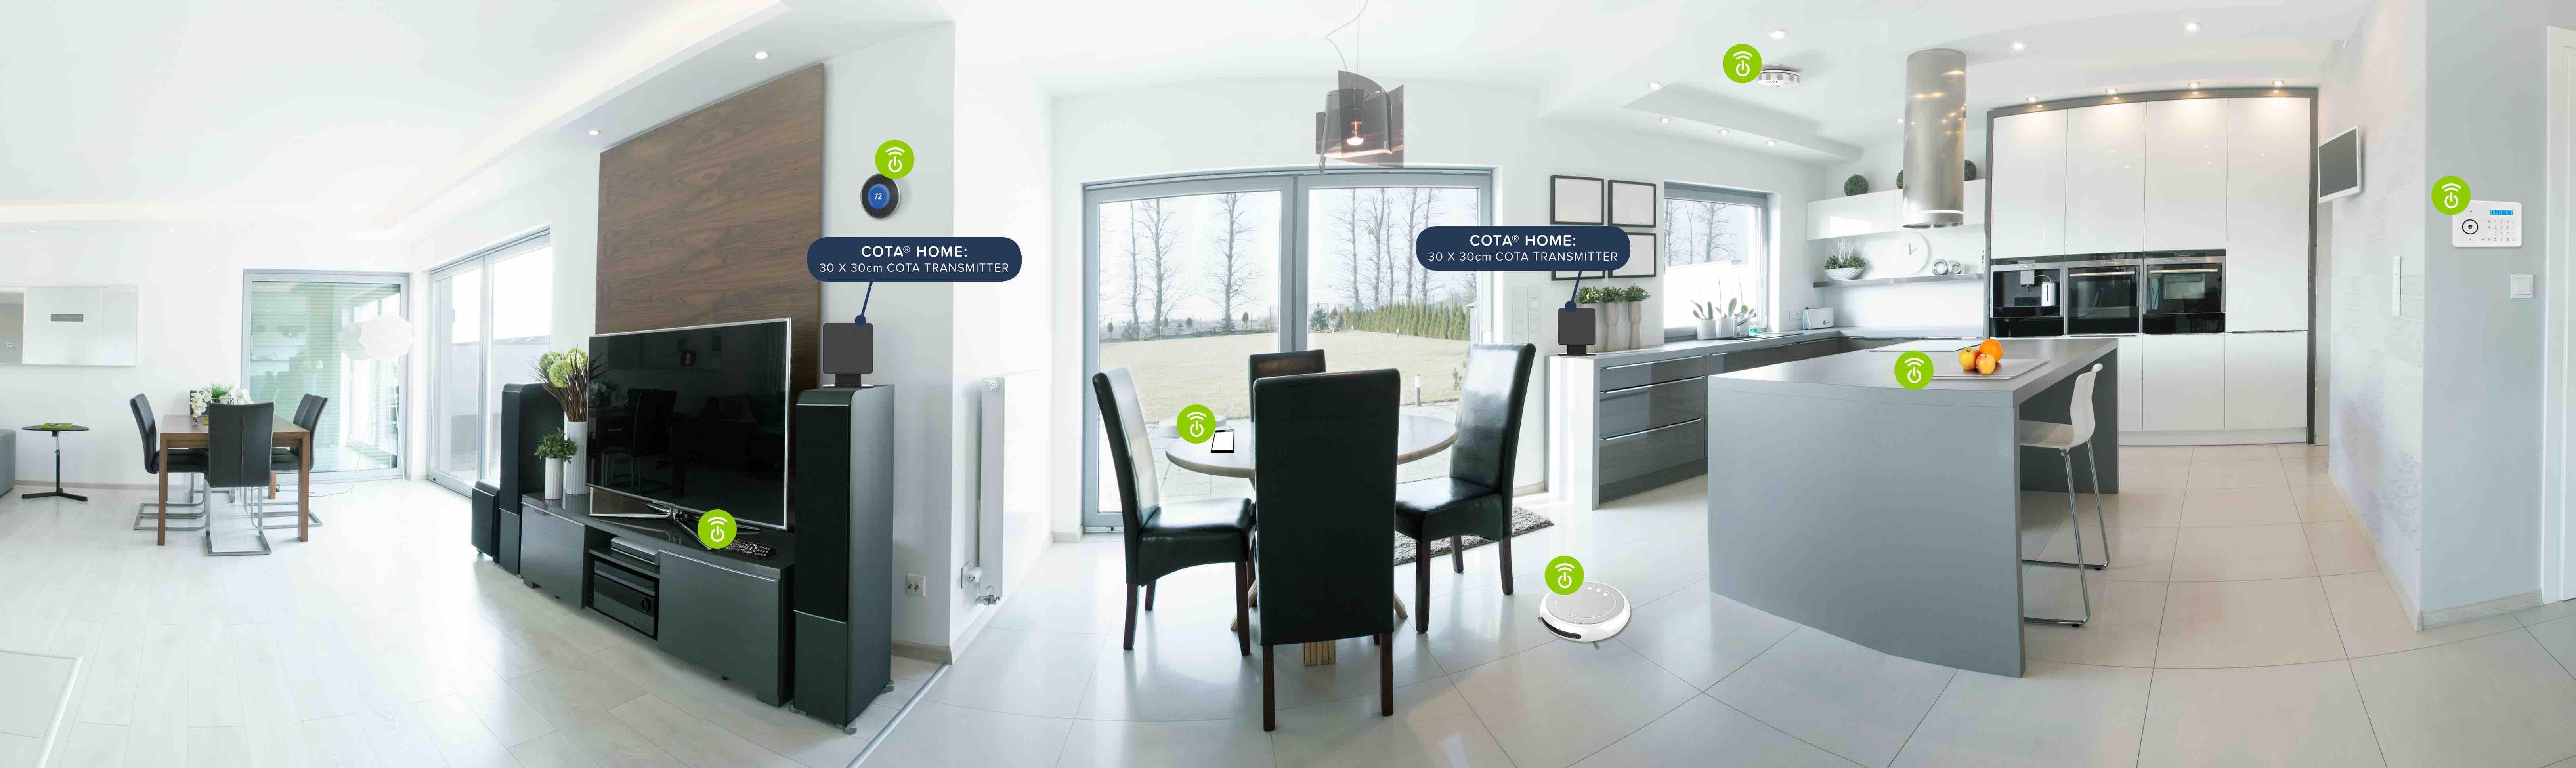 Cota Home Transmitter Livingroom Scene